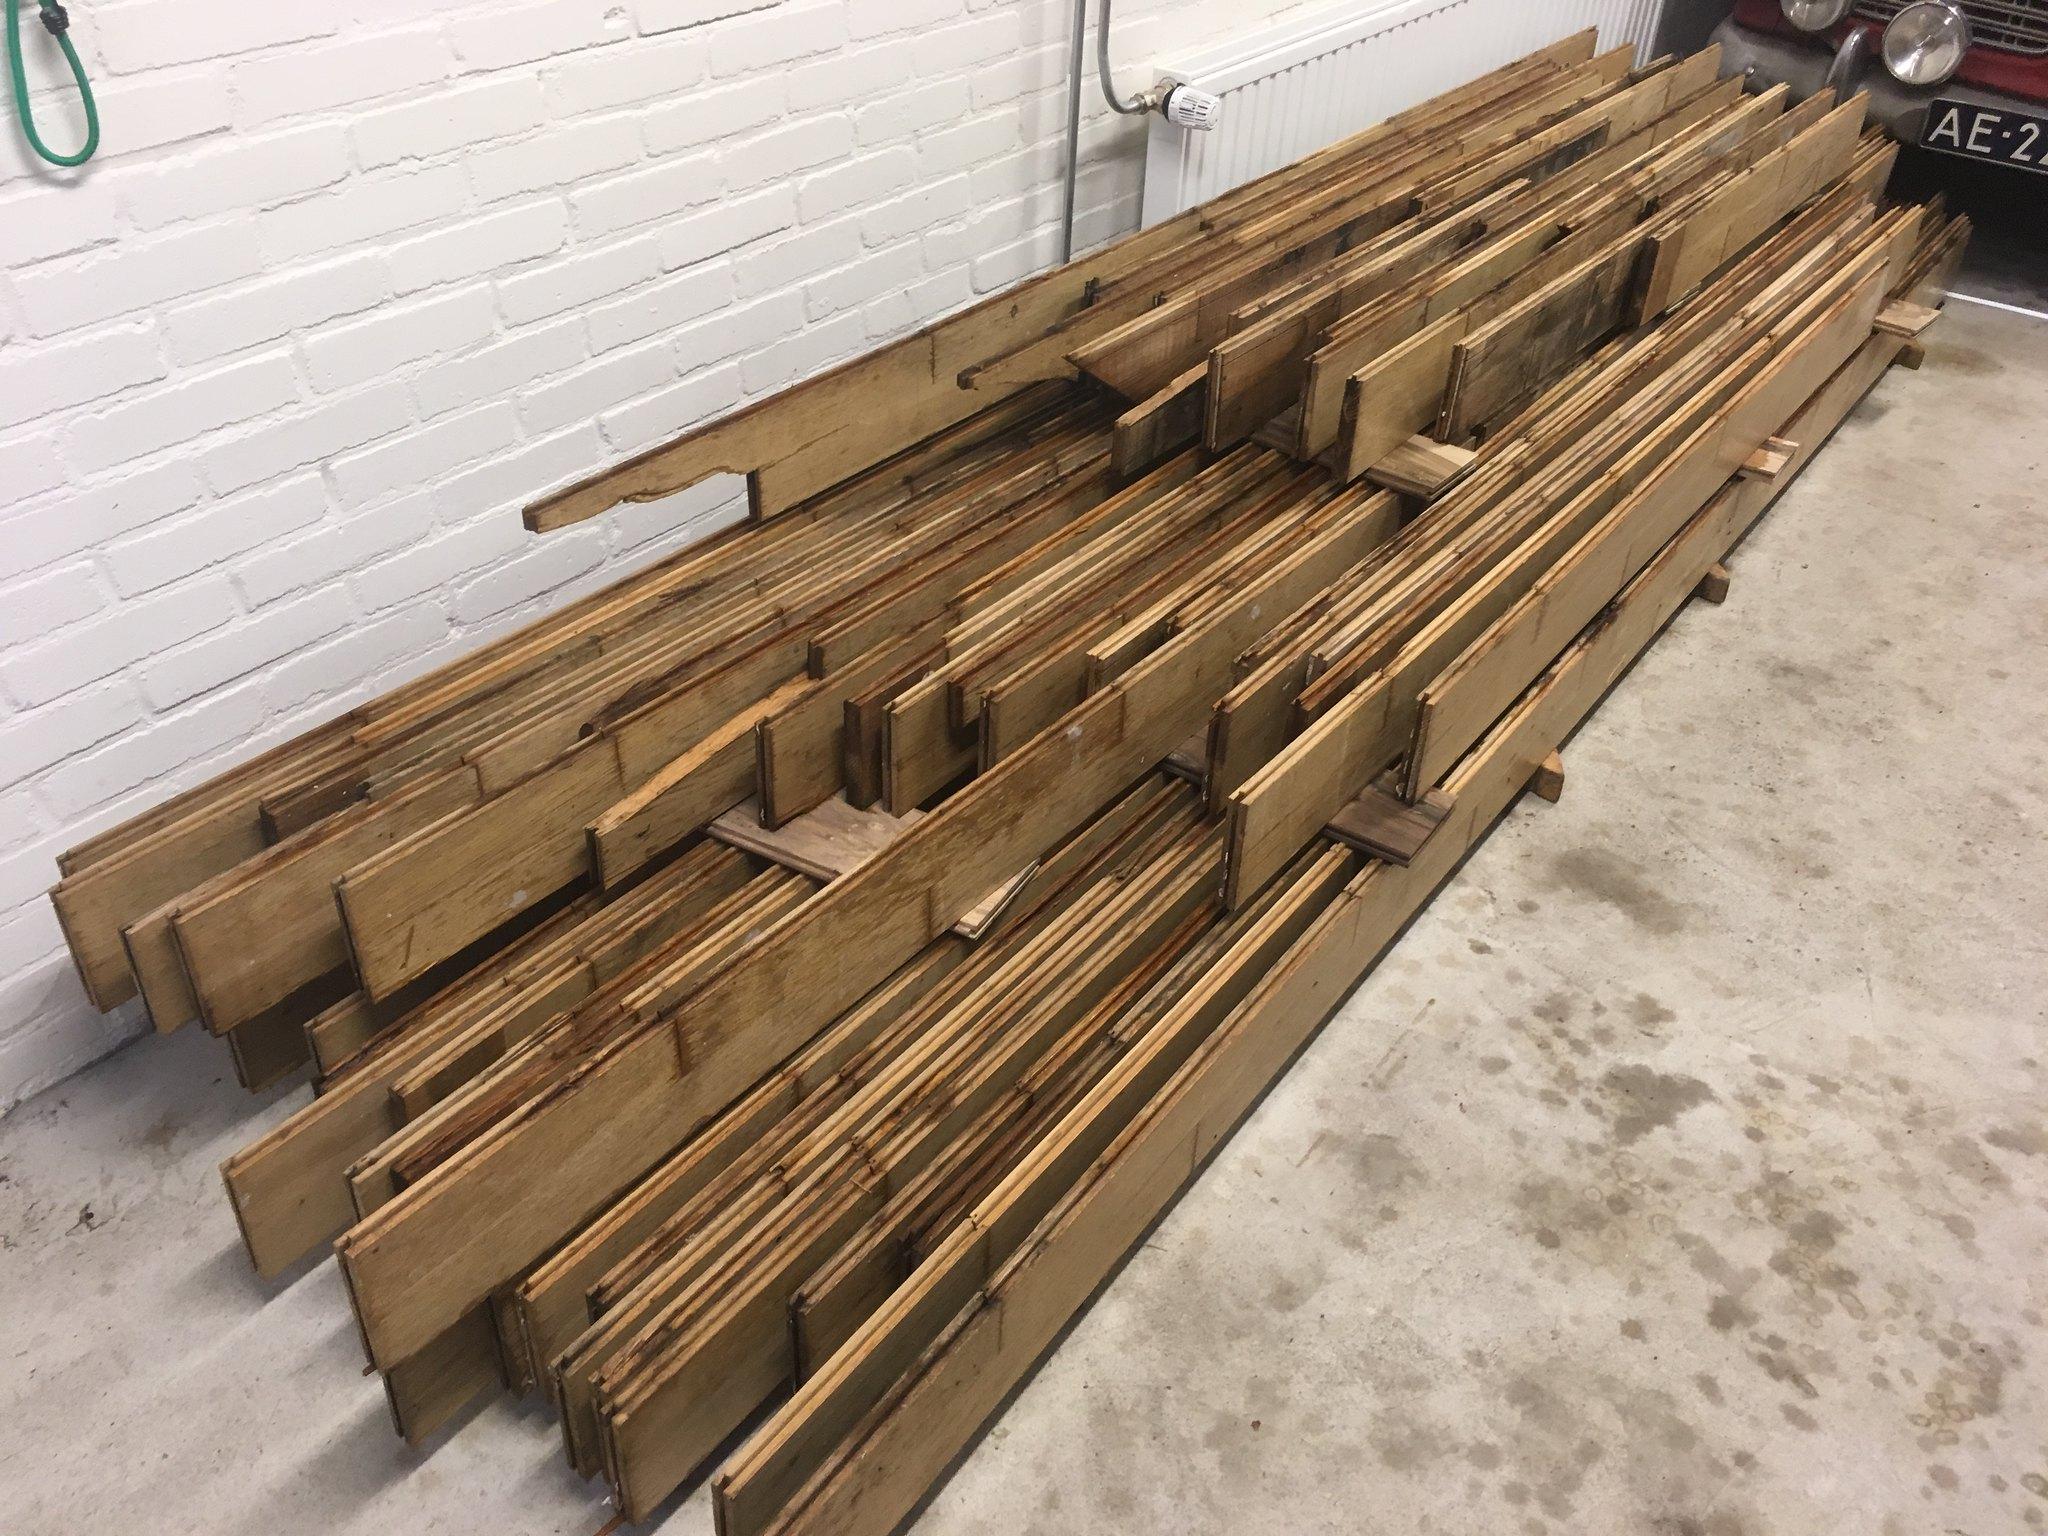 Leggen Houten Vloer : Natte houten vloer leggen advies gevraagd.